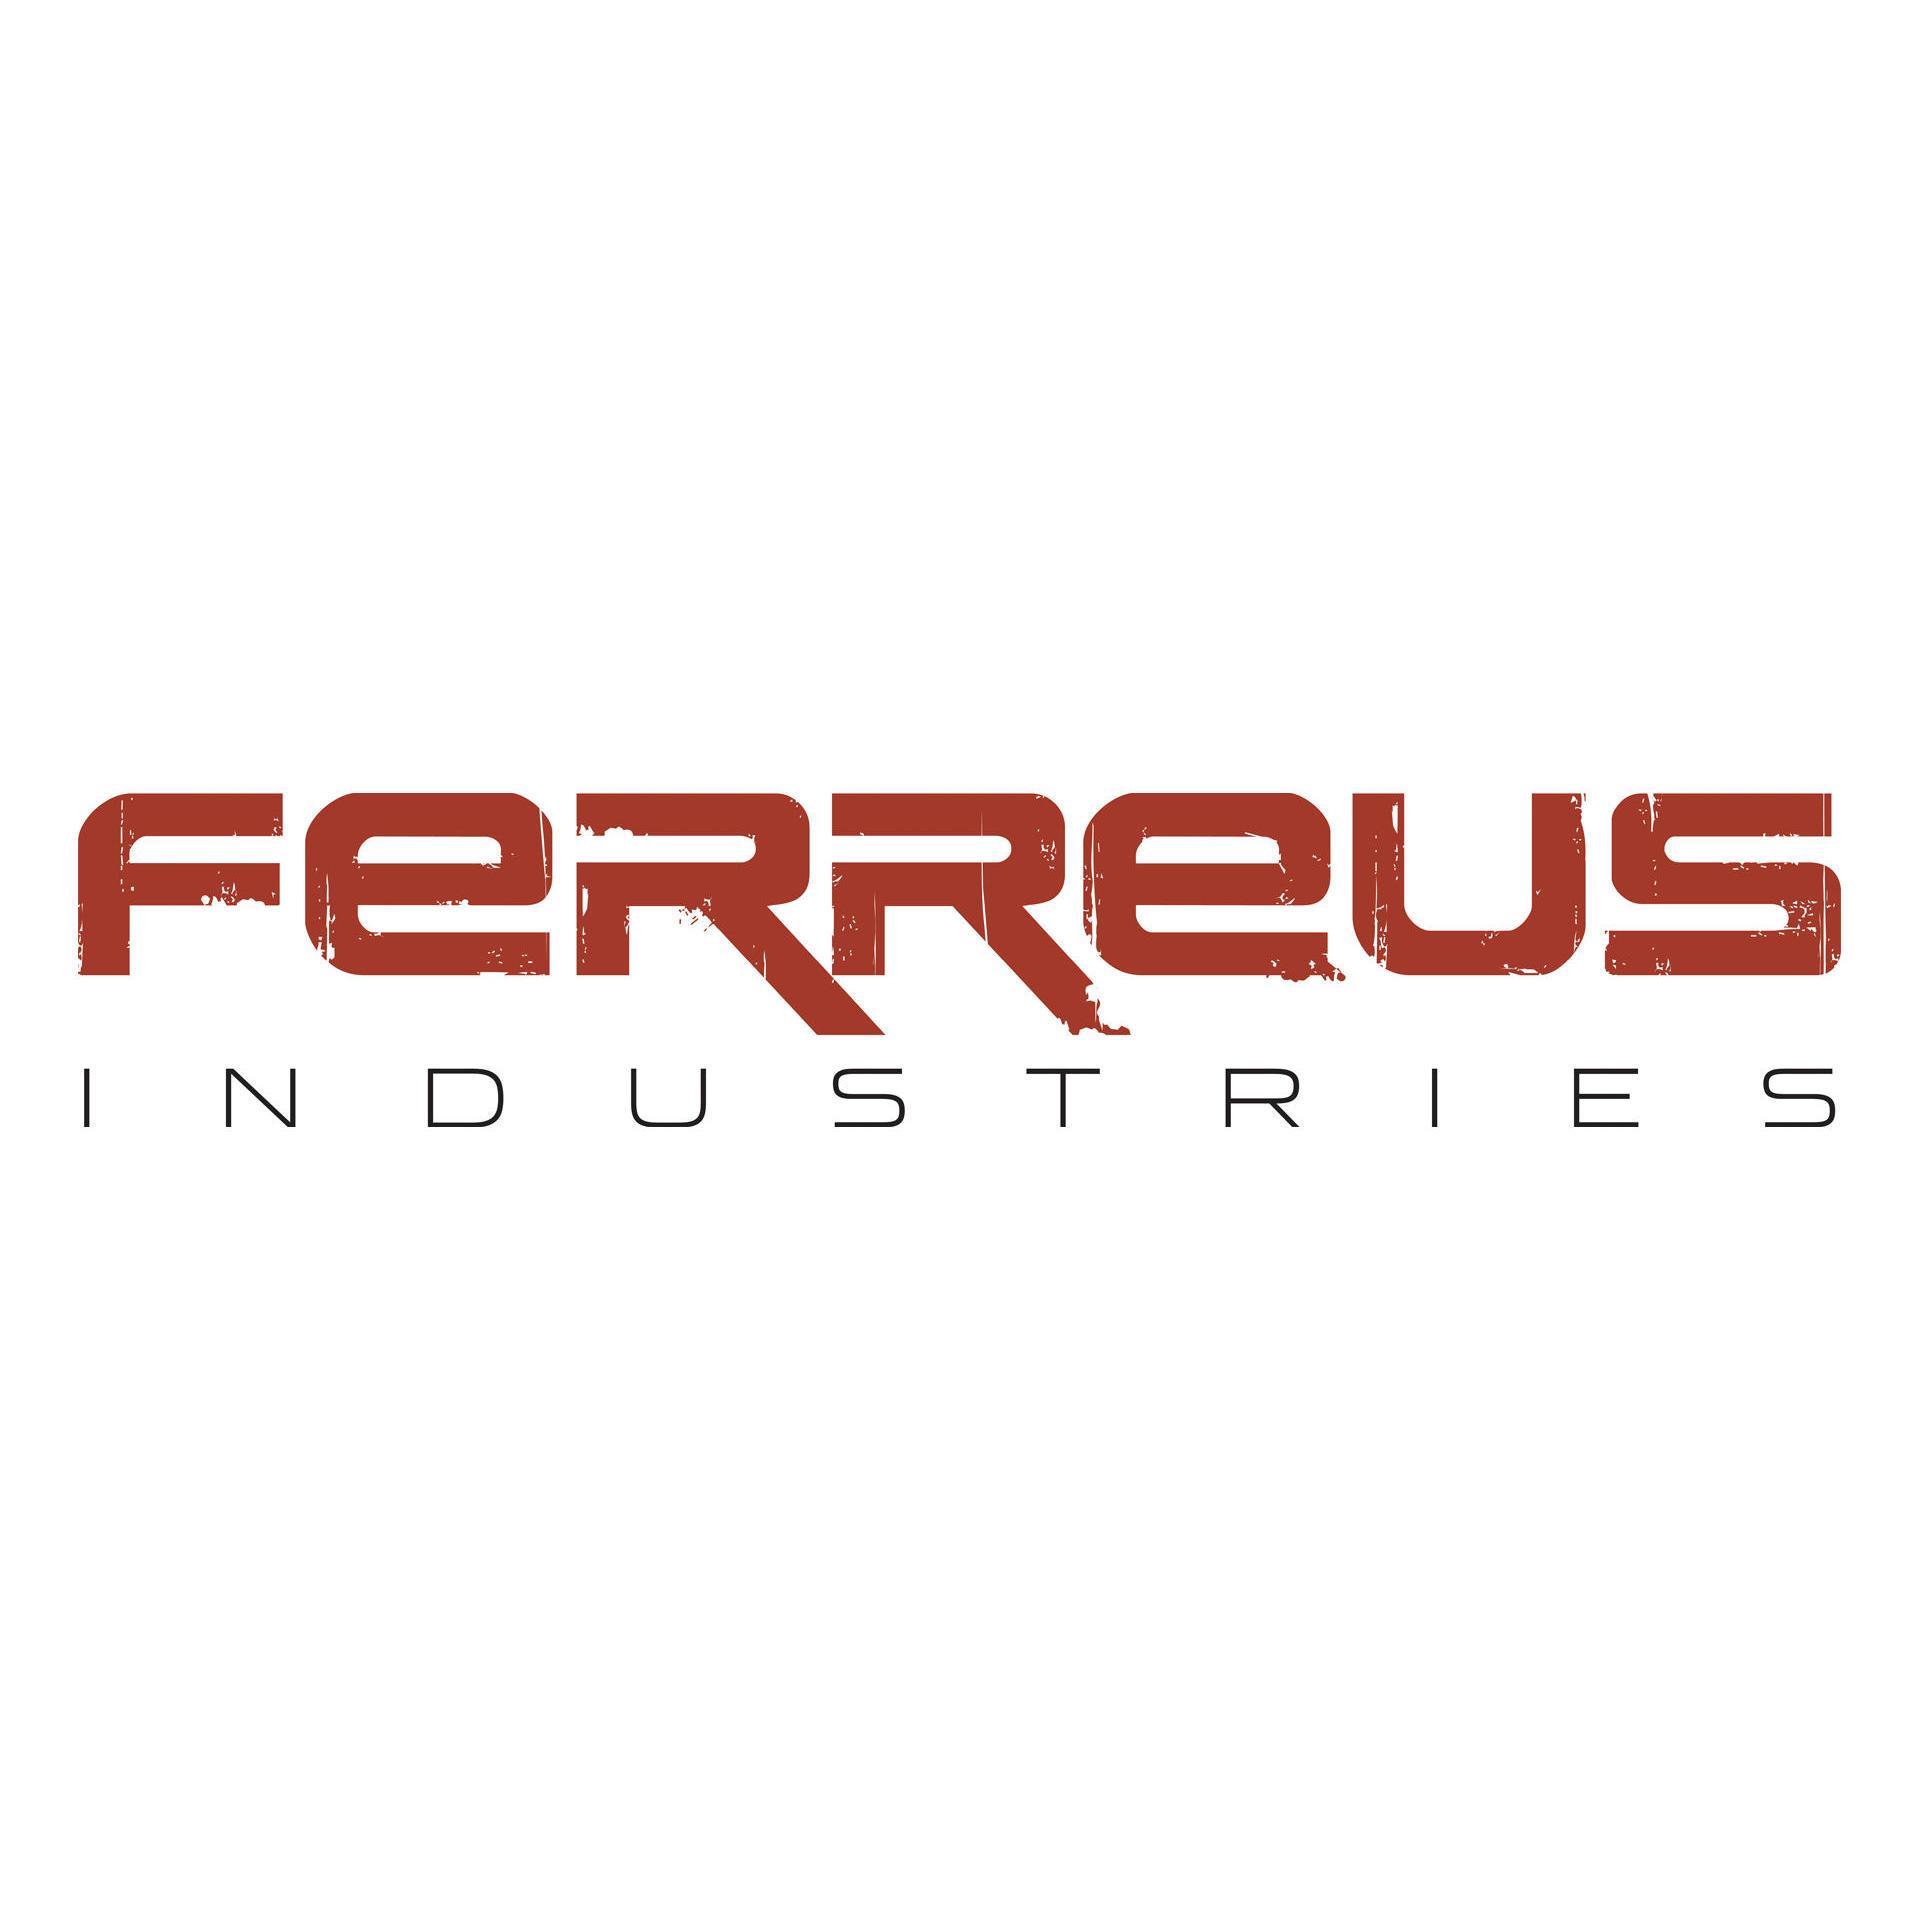 Ferreus Industries, Inc